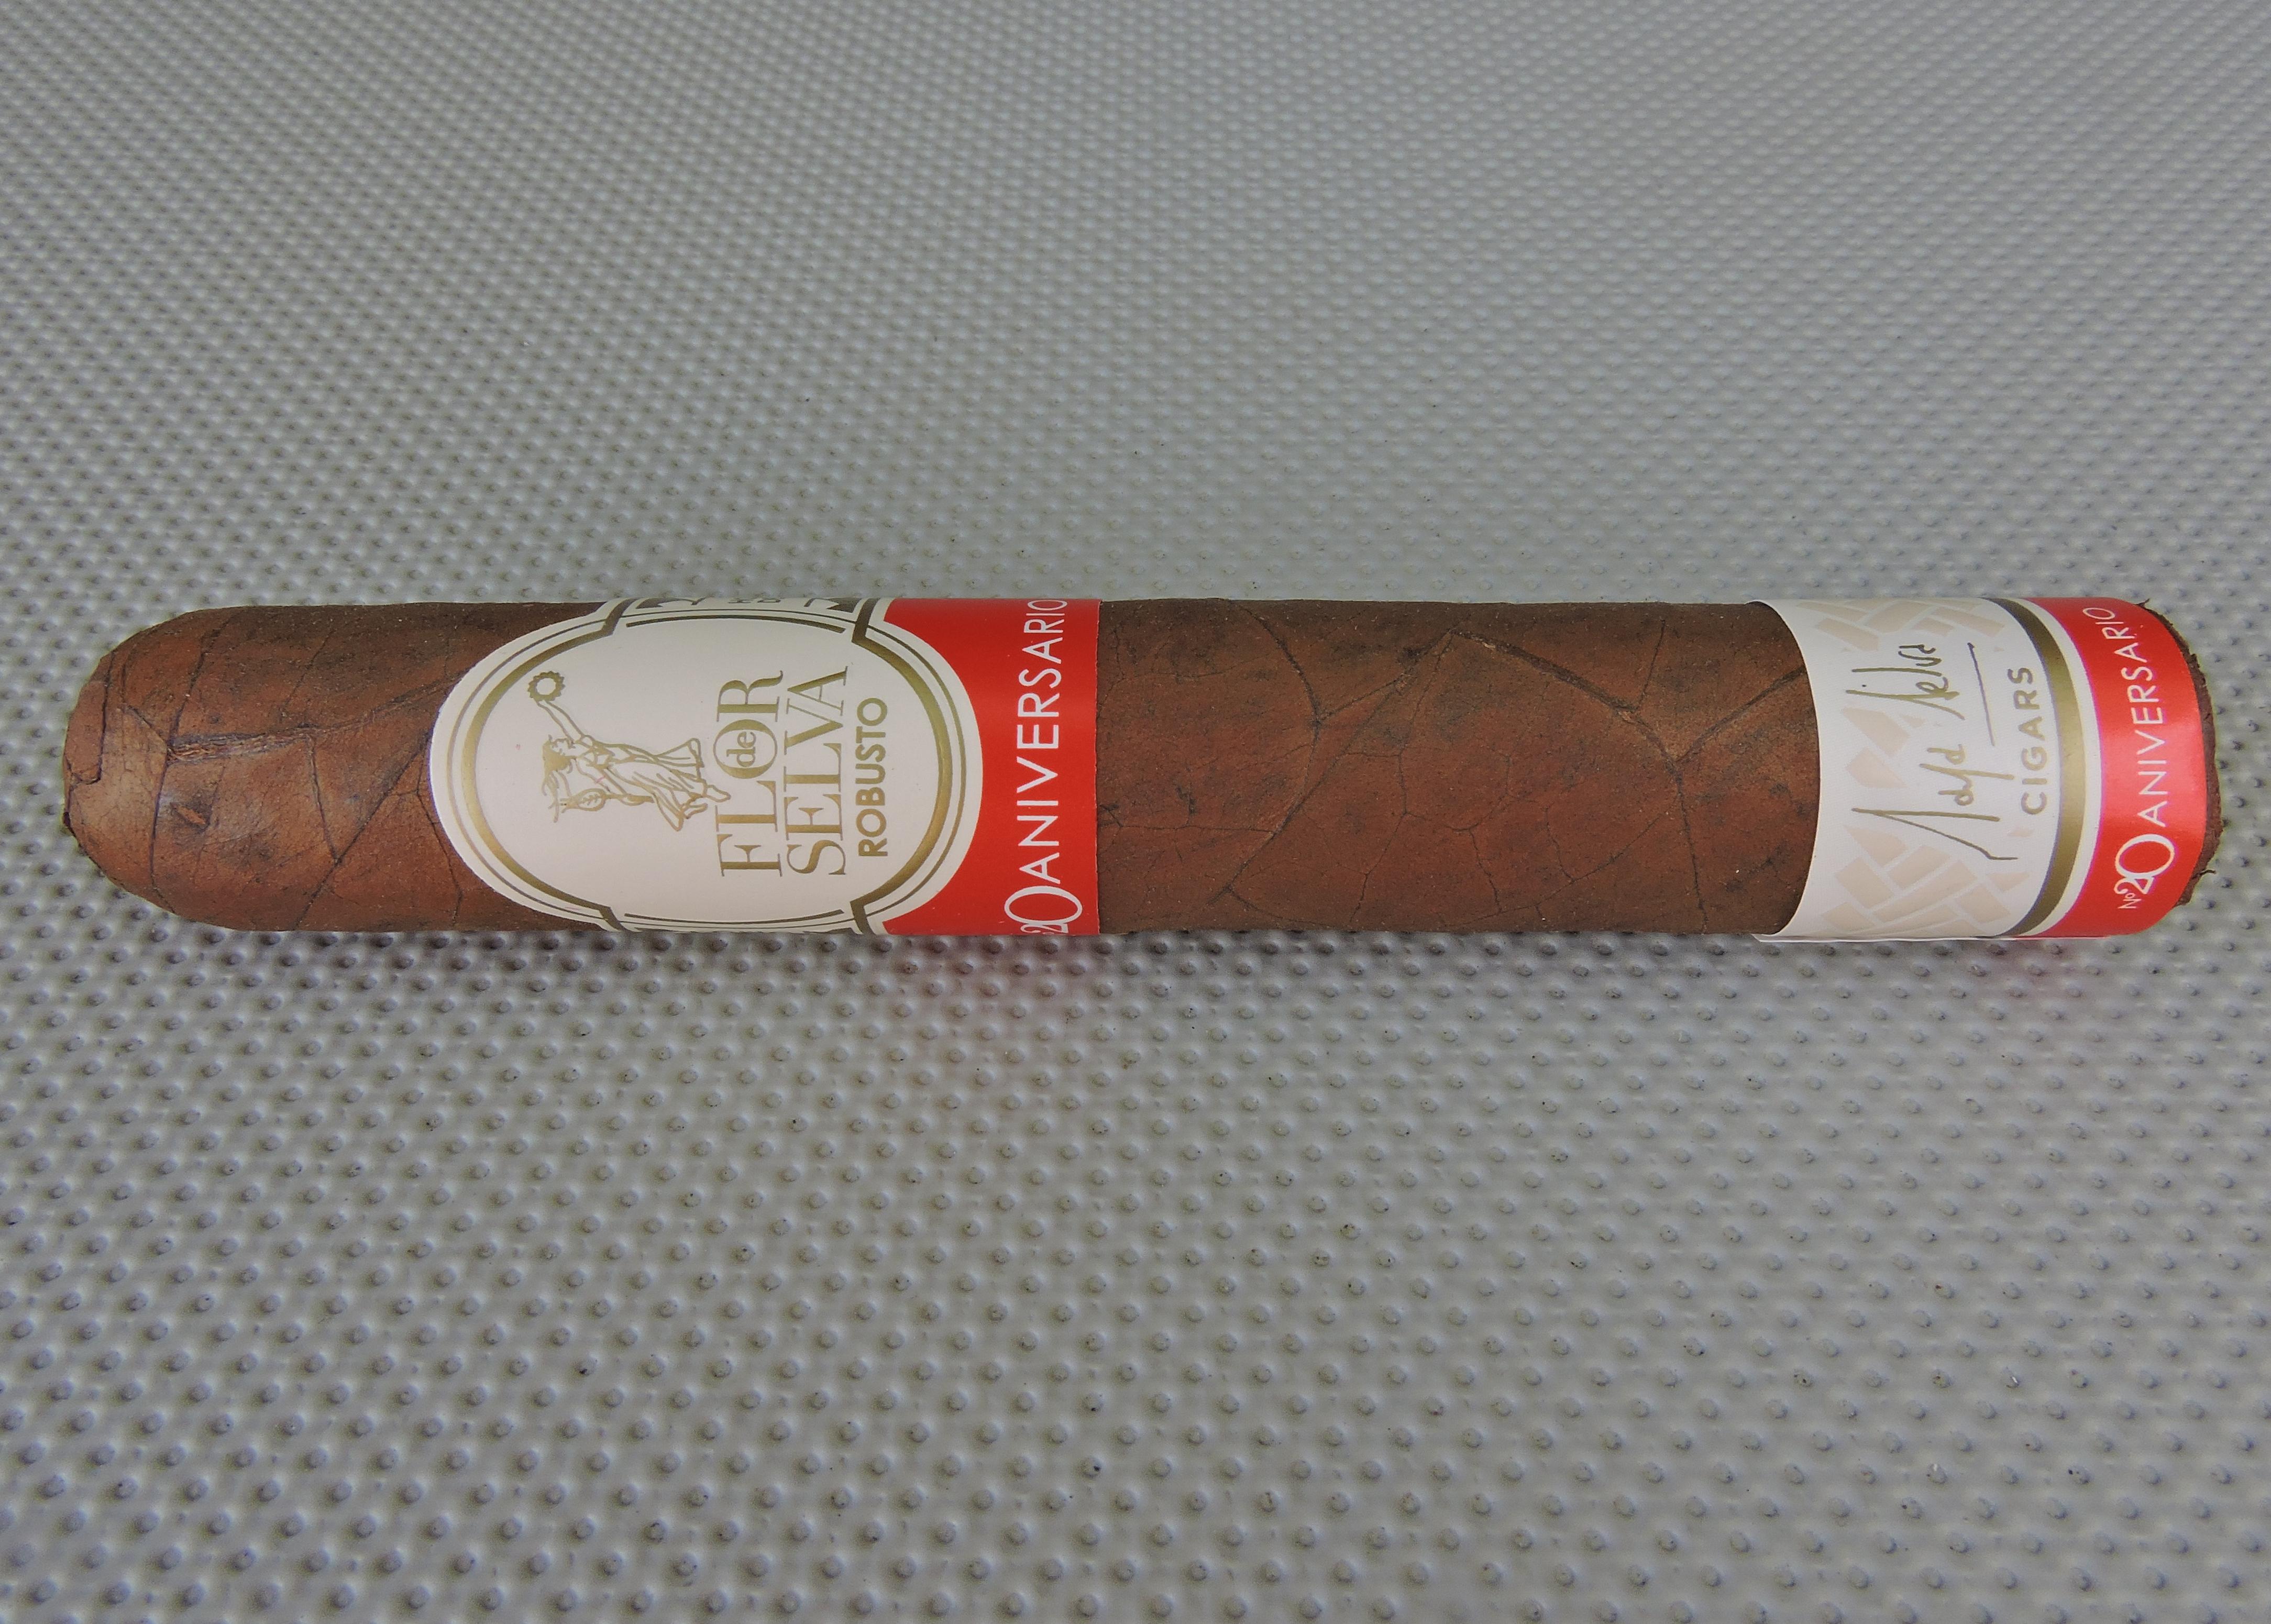 Cigar Review: Flor de Selva Colección Aniversario Nº20 Robusto by Maya Selva Cigars